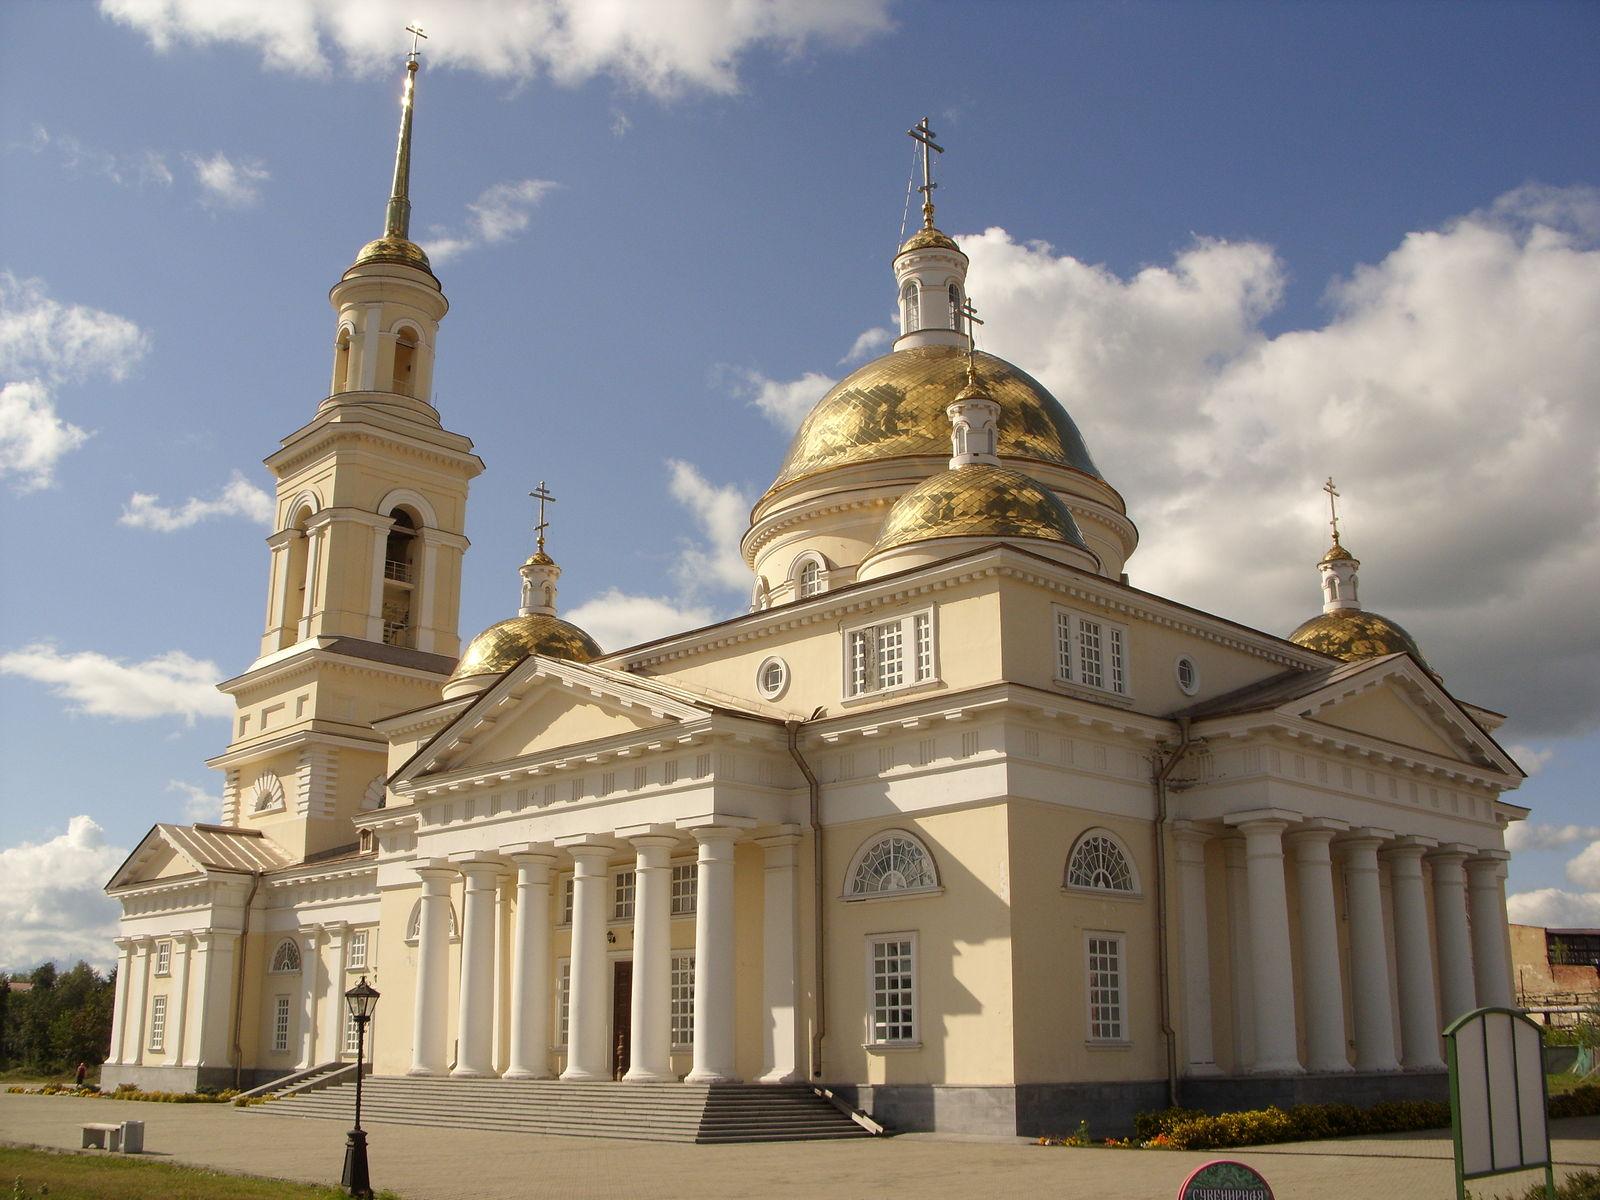 Нижнетагильской епархии передано здание восстановленного Спасо-Преображенского собора Невьянска